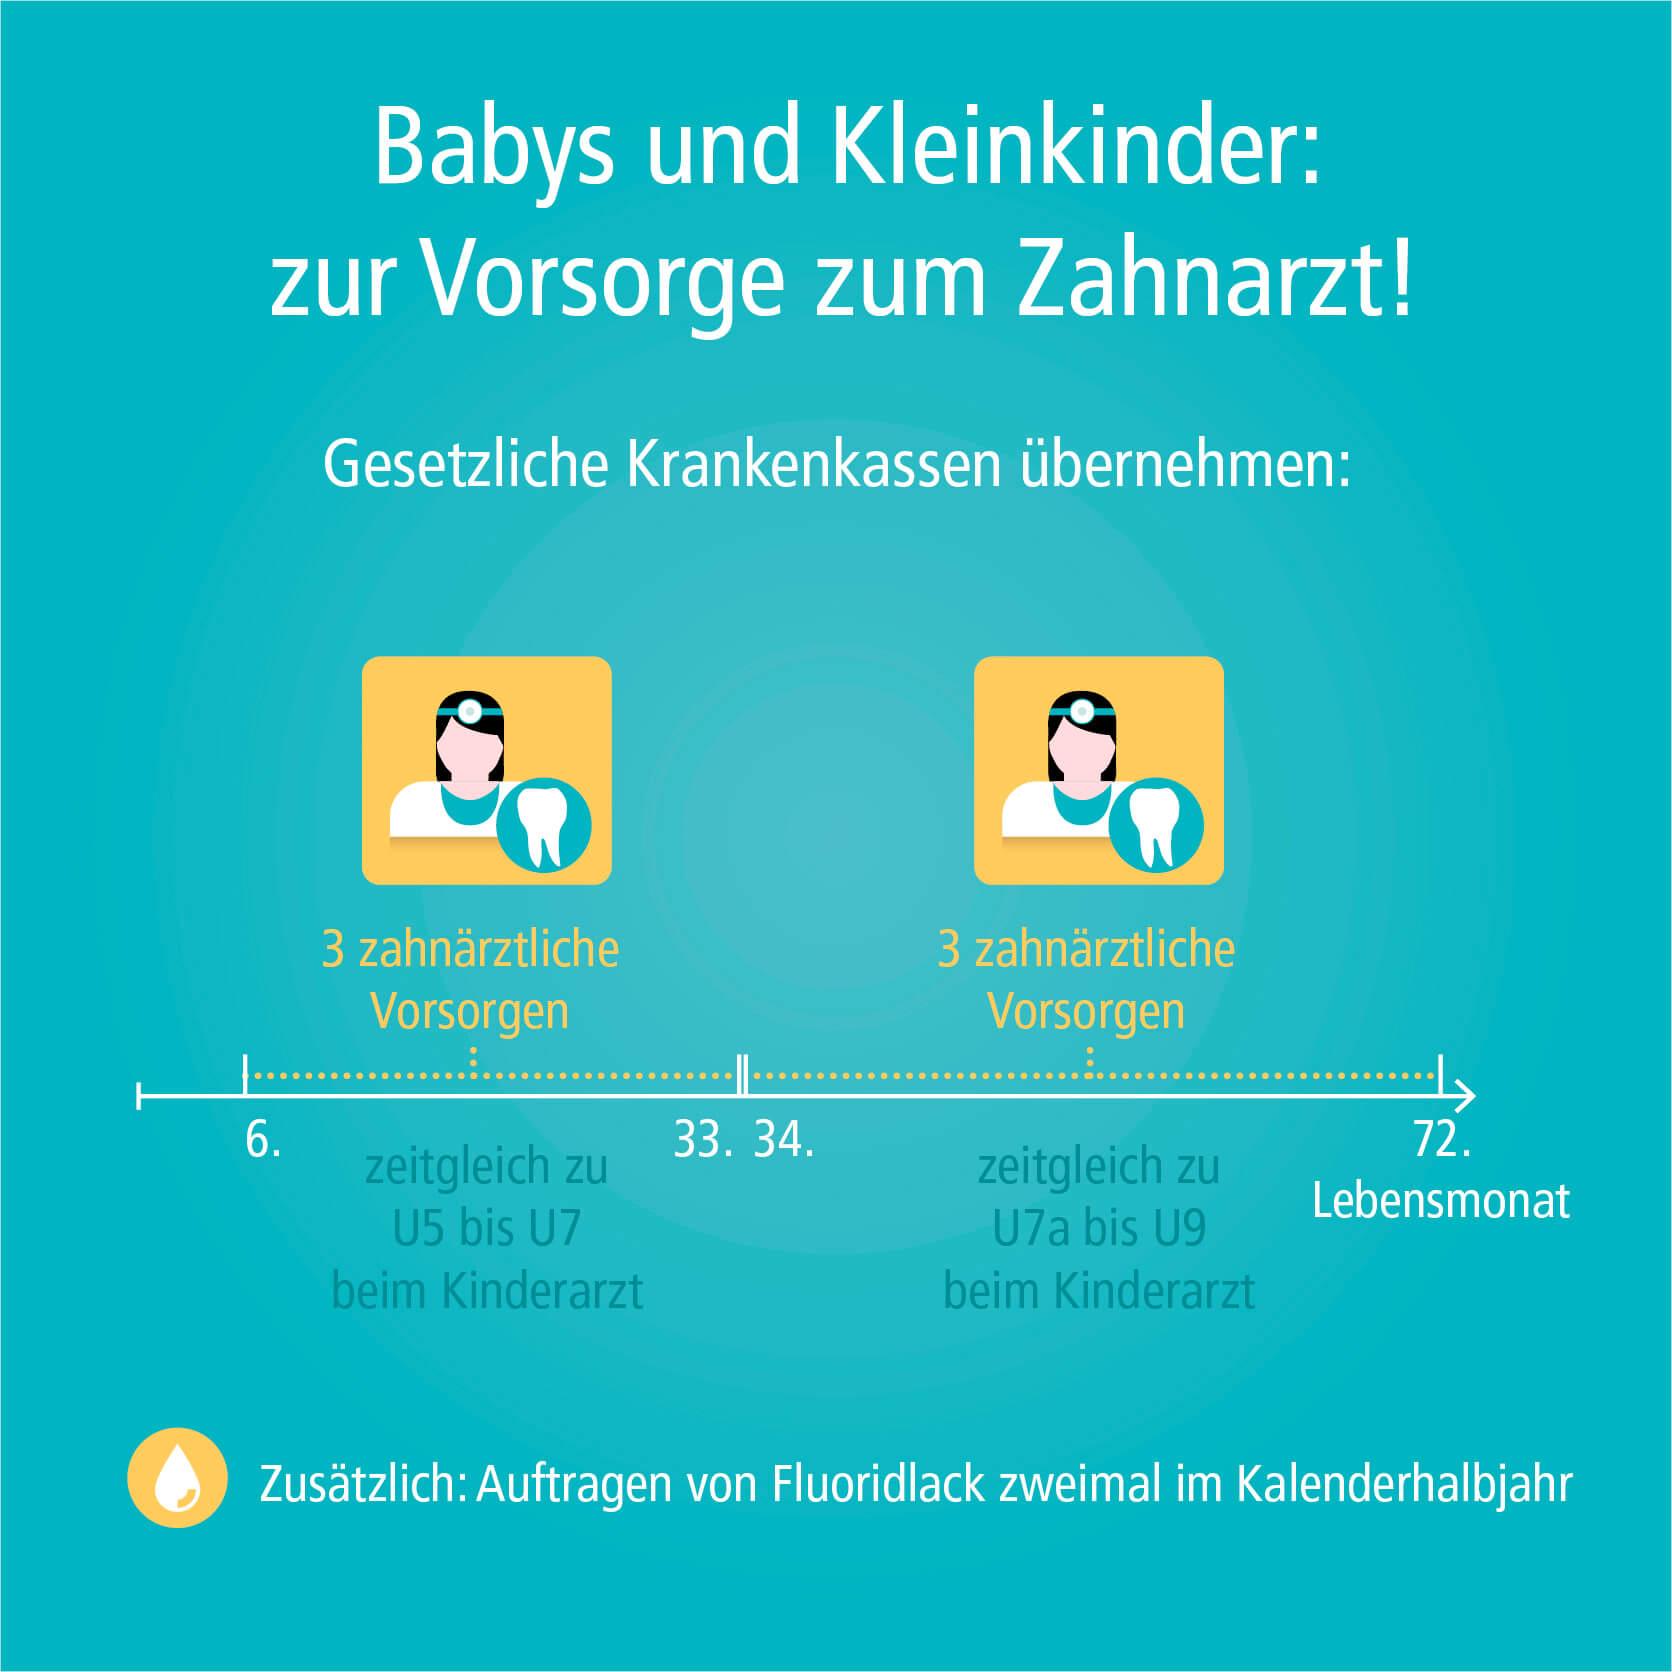 """Sobald die ersten Milchzähne durchgebrochen sind, sollten Eltern mit ihrem Baby einen Vorsorgetermin beim Zahnarzt wahrnehmen. Dabei geht es nicht nur darum zu schauen, ob die Zähne gesund sind, sondern vor allem um die Beratung der Eltern zur richtigen Zahnpflege und Ernährung. """"Eltern sollten von Anfang an auf eine gute Mundhygiene und gesunde Ernährung bei ihrem Kind achten"""", erklärt Prof. Dr. Ulrich Schiffner, Oberarzt am Universitätsklinikum Hamburg-Eppendorf und Fortbildungsreferent der Deutschen Gesellschaft für Kinderzahnheilkunde. Dass auch zahnärztliche Vorsorgeuntersuchungen für die Zahngesundheit der Kleinsten wichtig sind, zeigen viele internationale Studien. """"Kinder, die von Anfang an regelmäßig zur Kontrolle zum Zahnarzt gehen, haben sehr viel weniger Zähne mit Karies als Kinder, die Vorsorgeuntersuchungen nicht wahrnehmen"""", so Schiffner. Maßnahmen der Individual- und Gruppenprophylaxe haben in den letzten Jahren bei Kindern und Jugendlichen insgesamt zu einem deutlichen Kariesrückgang geführt. So sind laut der Fünften Deutschen Mundgesundheitsstudie (DMS V) acht von zehn der 12-jährigen Kinder vollkommen kariesfrei."""